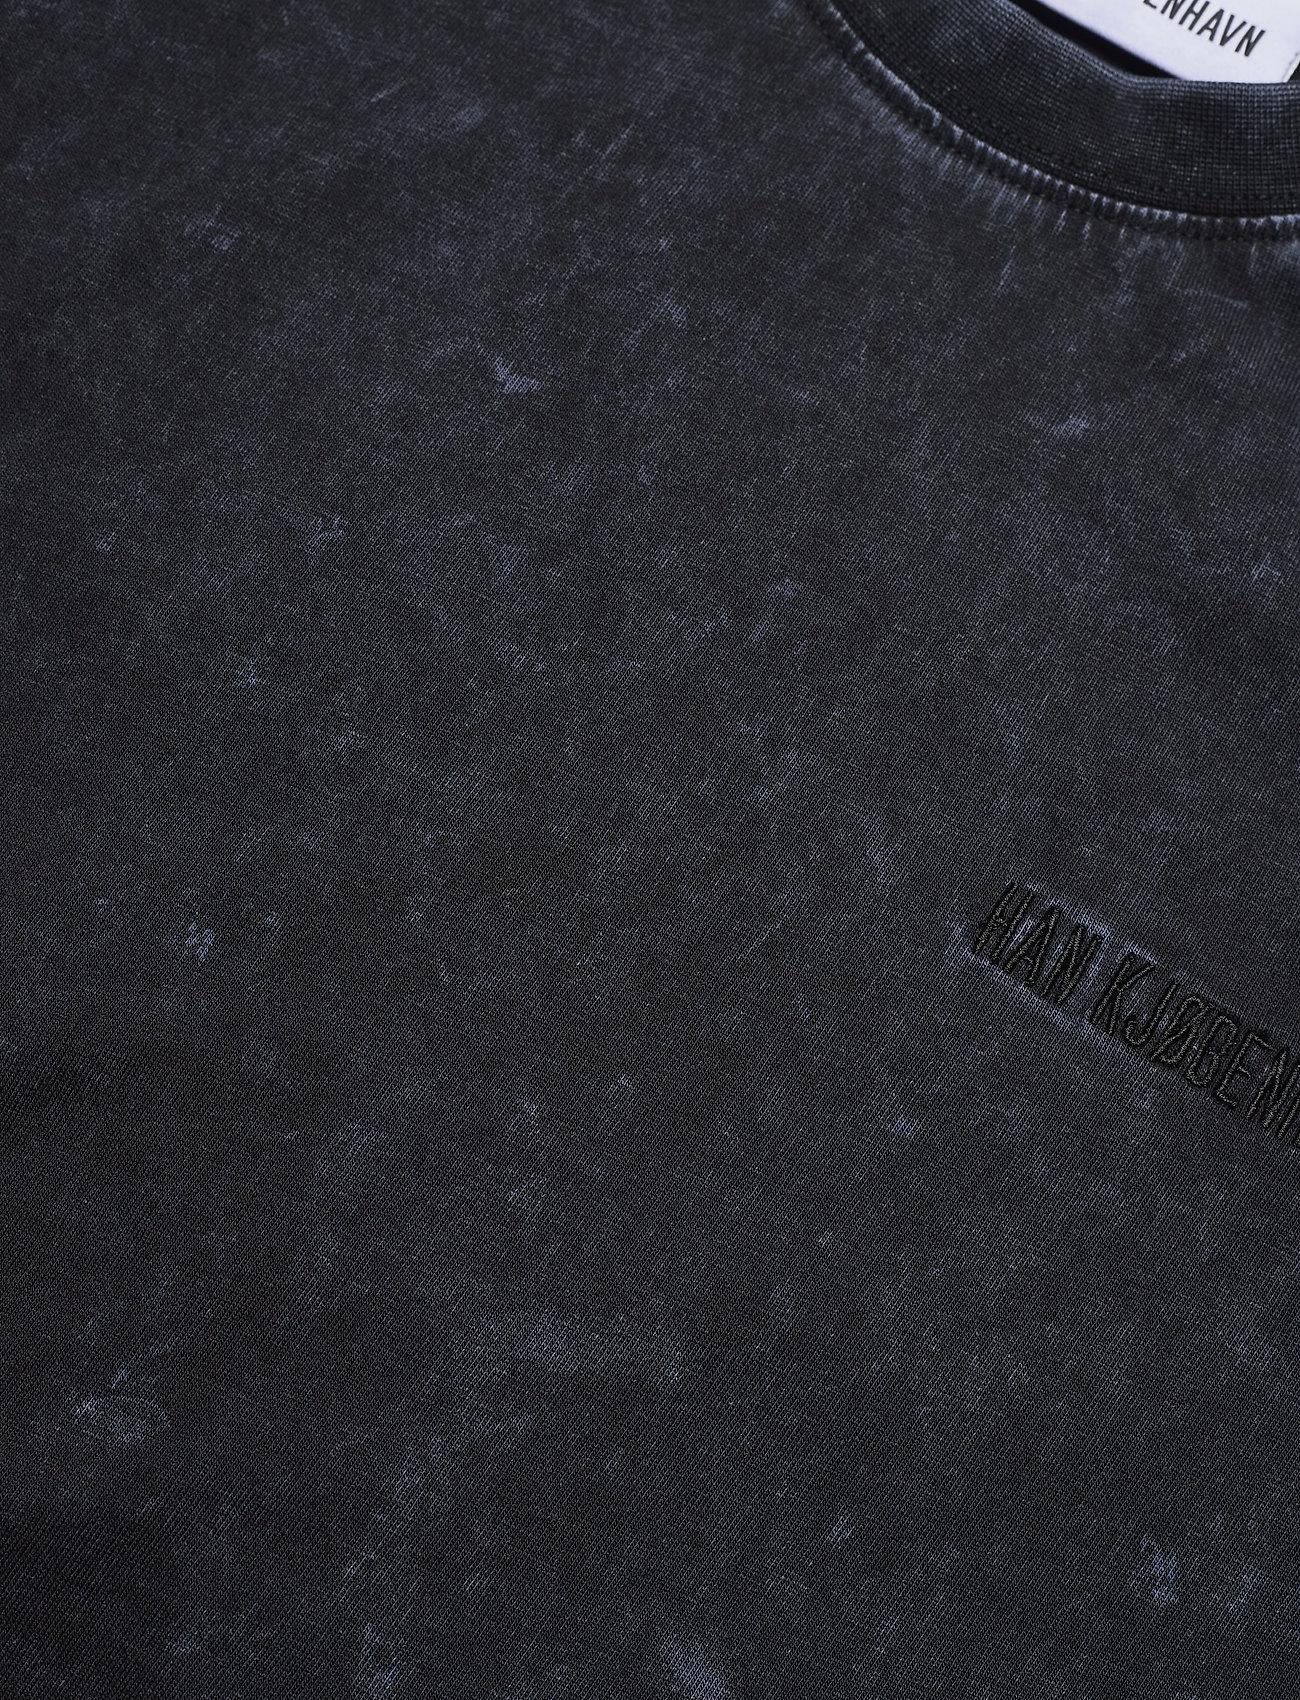 HAN Kjøbenhavn - Casual Tee - basic t-shirts - denim blue acid - 2